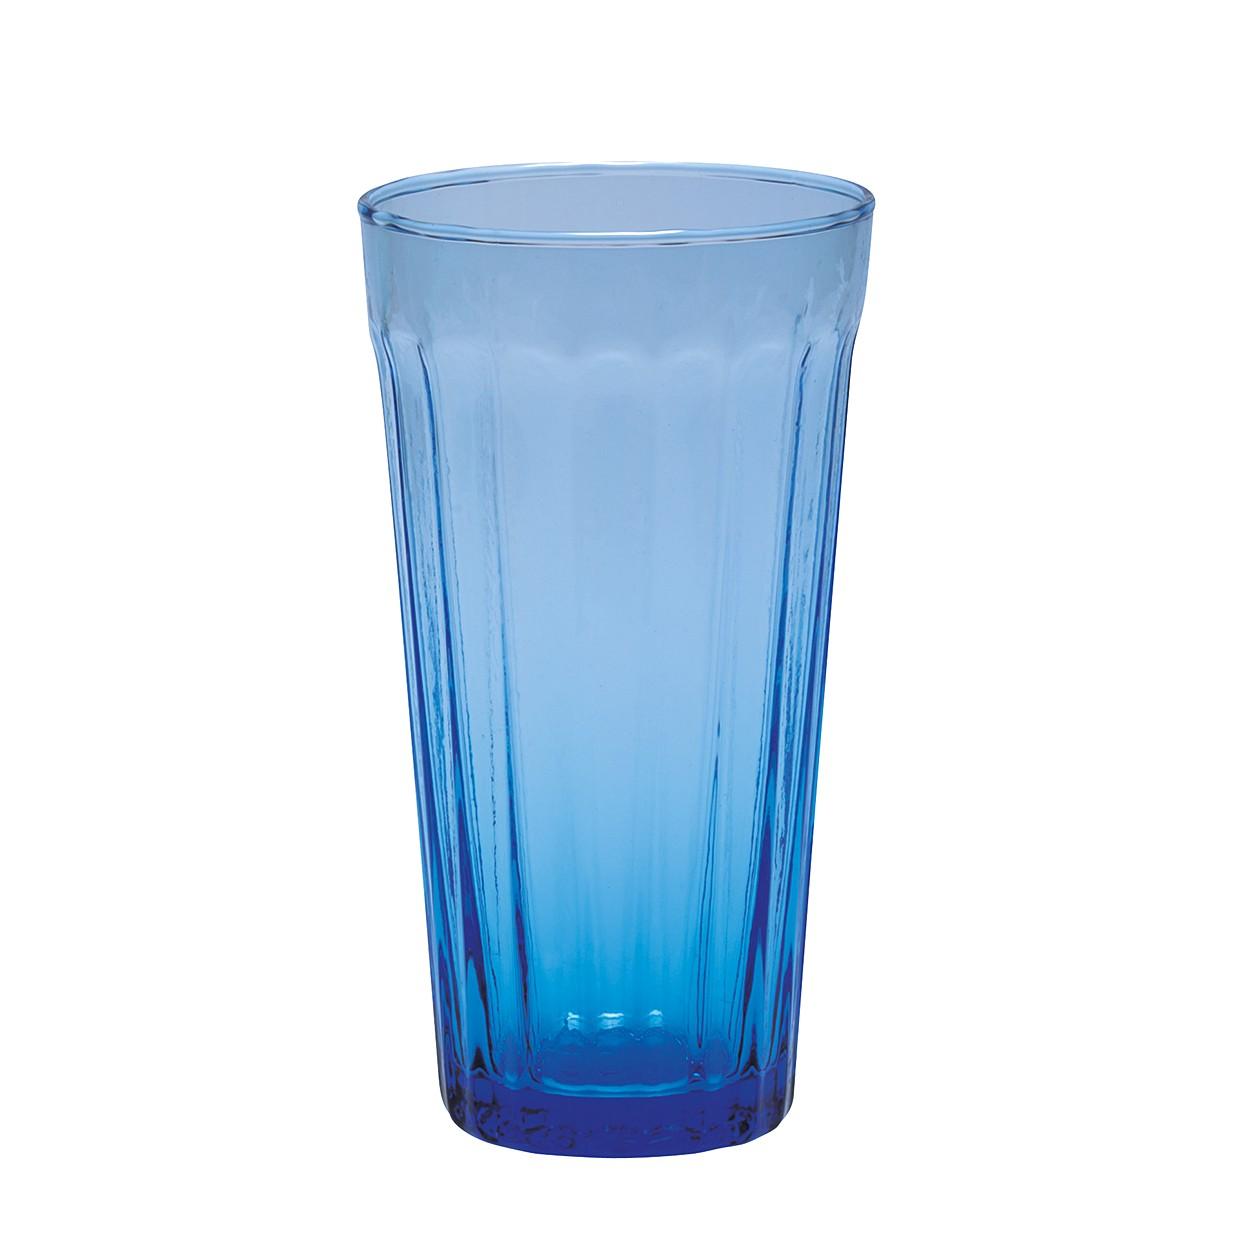 Longdrinkglas Lucca (6er-Set) – Glas – Kobaltblau, BITOSSI HOME kaufen